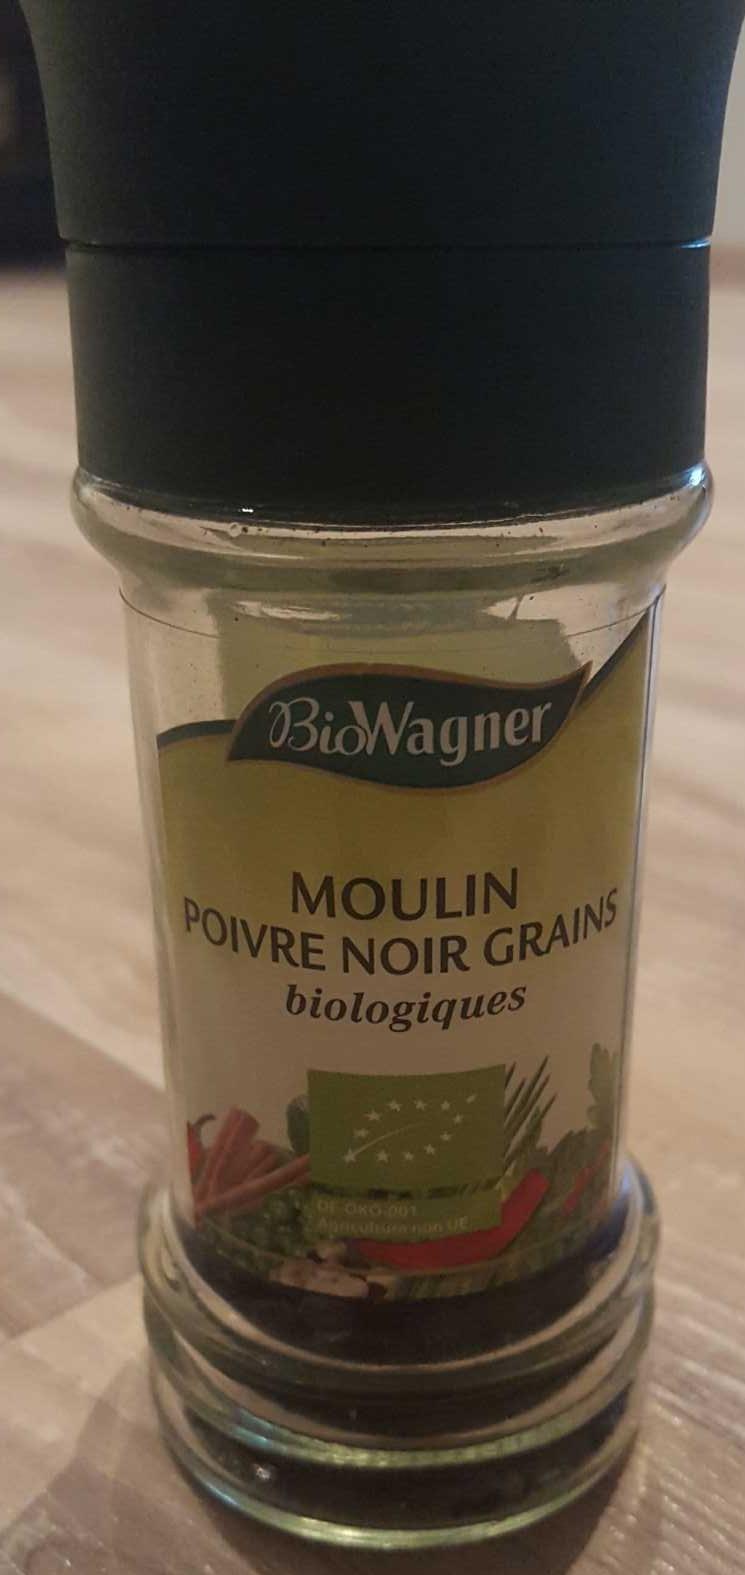 Moulin Poivre Noir en Grains Biologique - Product - fr